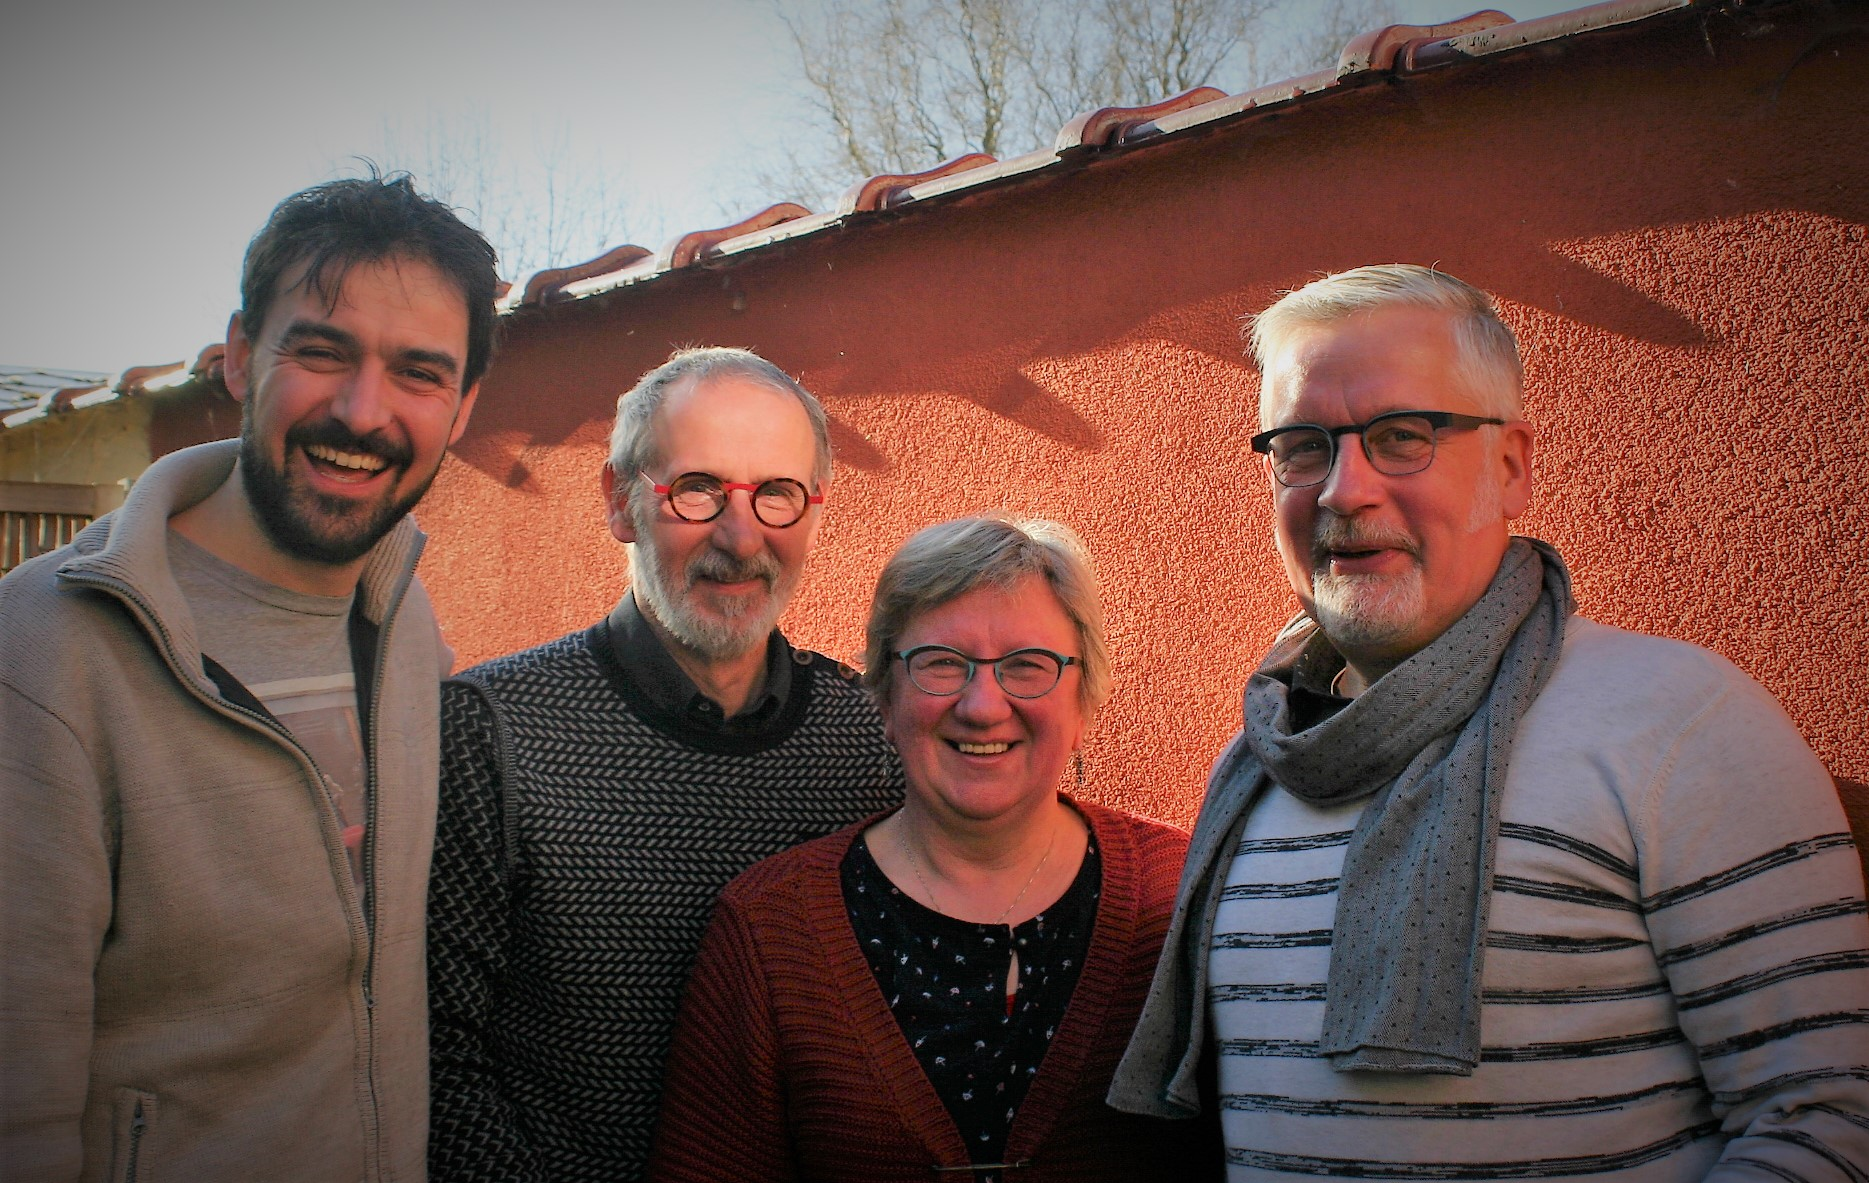 Joris Hessels, de companjong, peter, radio gaga, roland goossens, christine Vandenbranden, Johan Vandenbranden